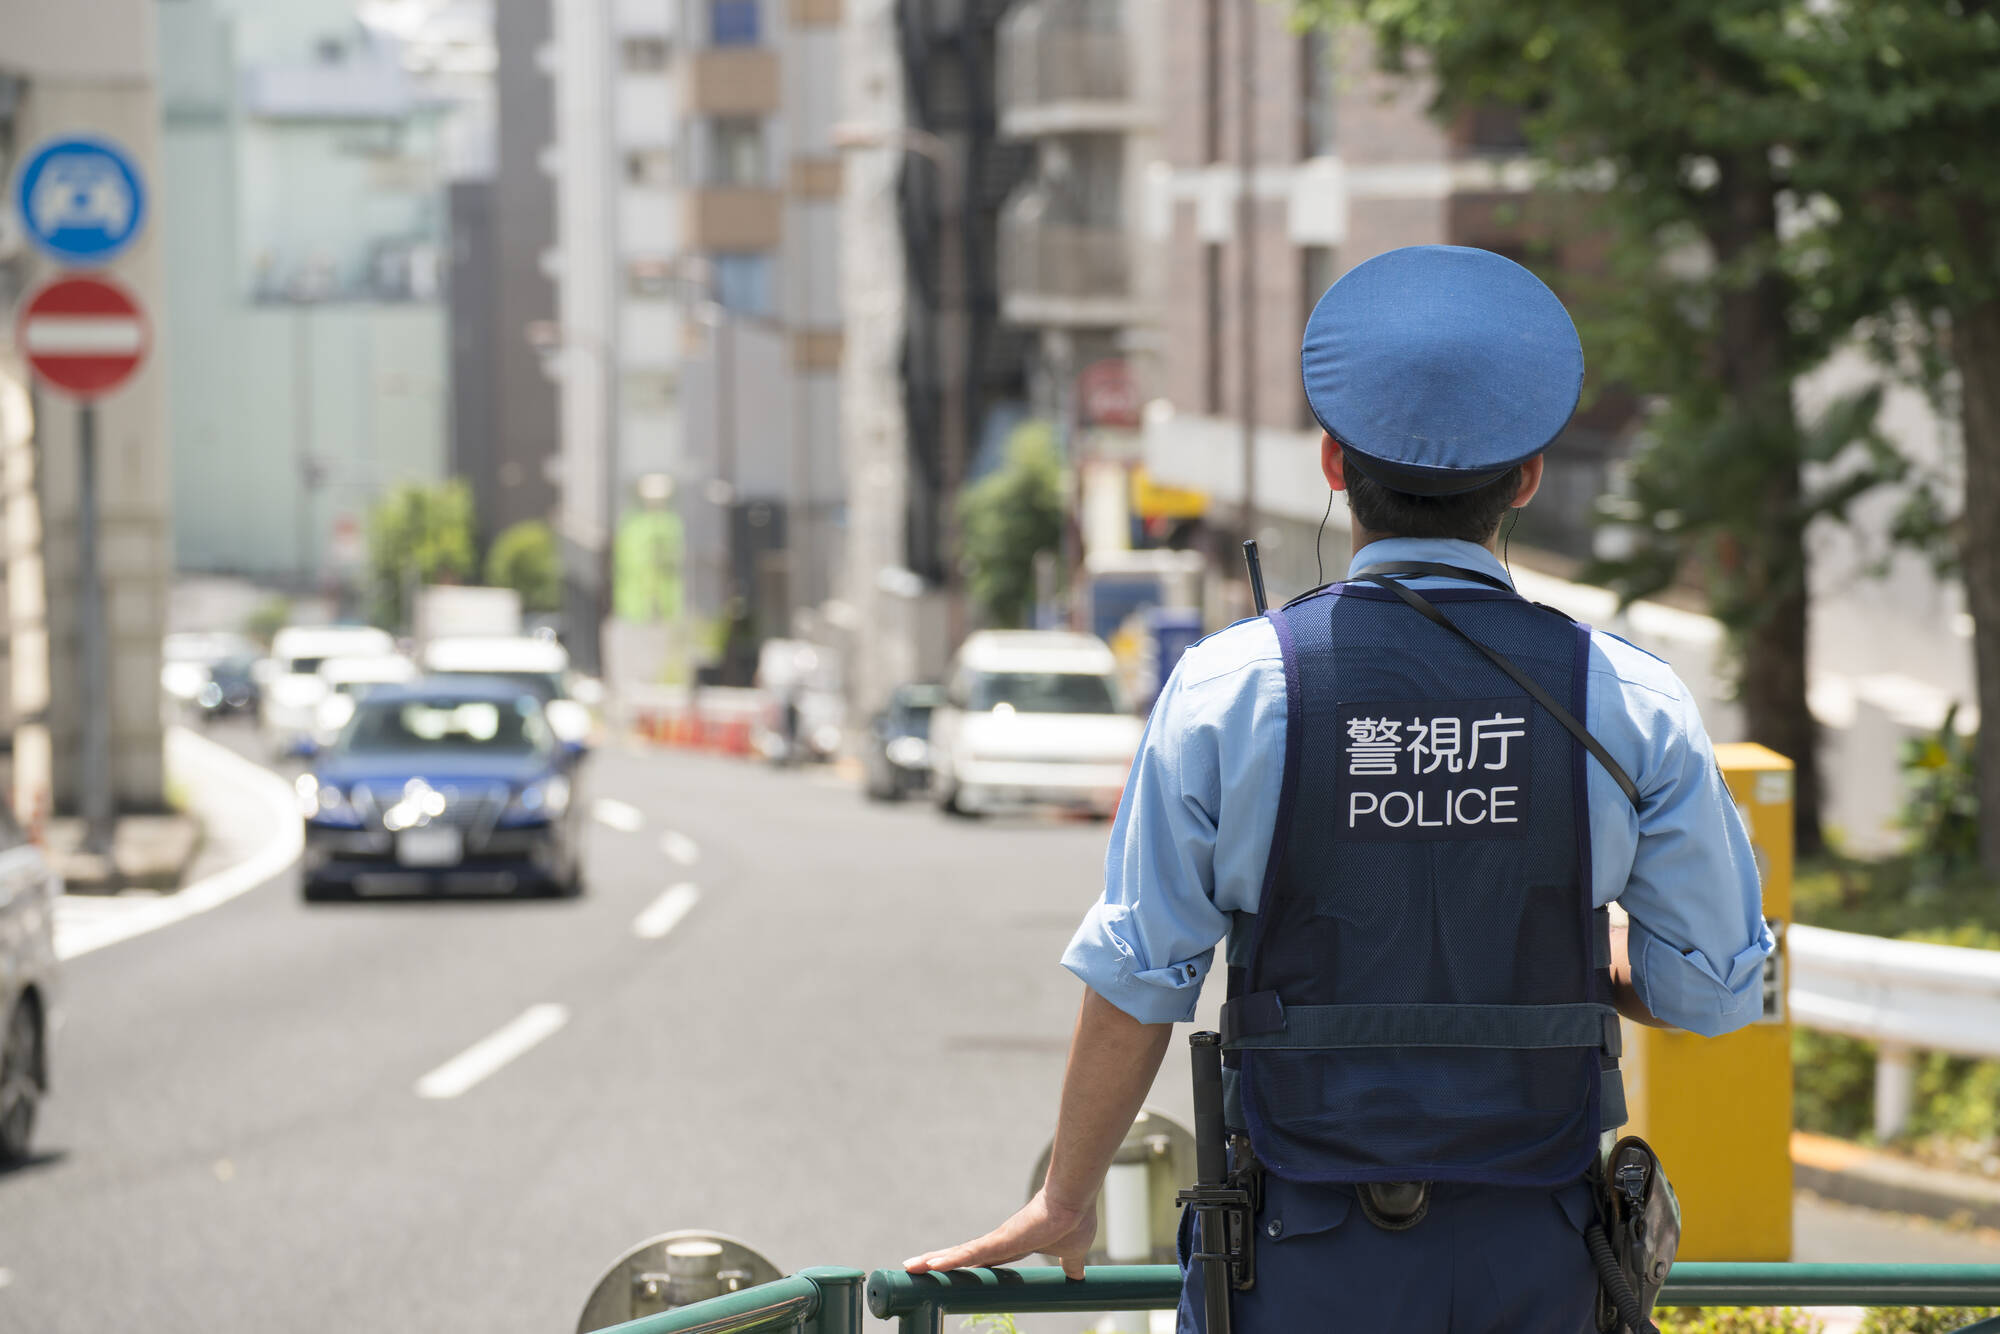 かなり厳しい…日本の警察官が拳銃を撃てる要件とは? (2015年8月17日 ...